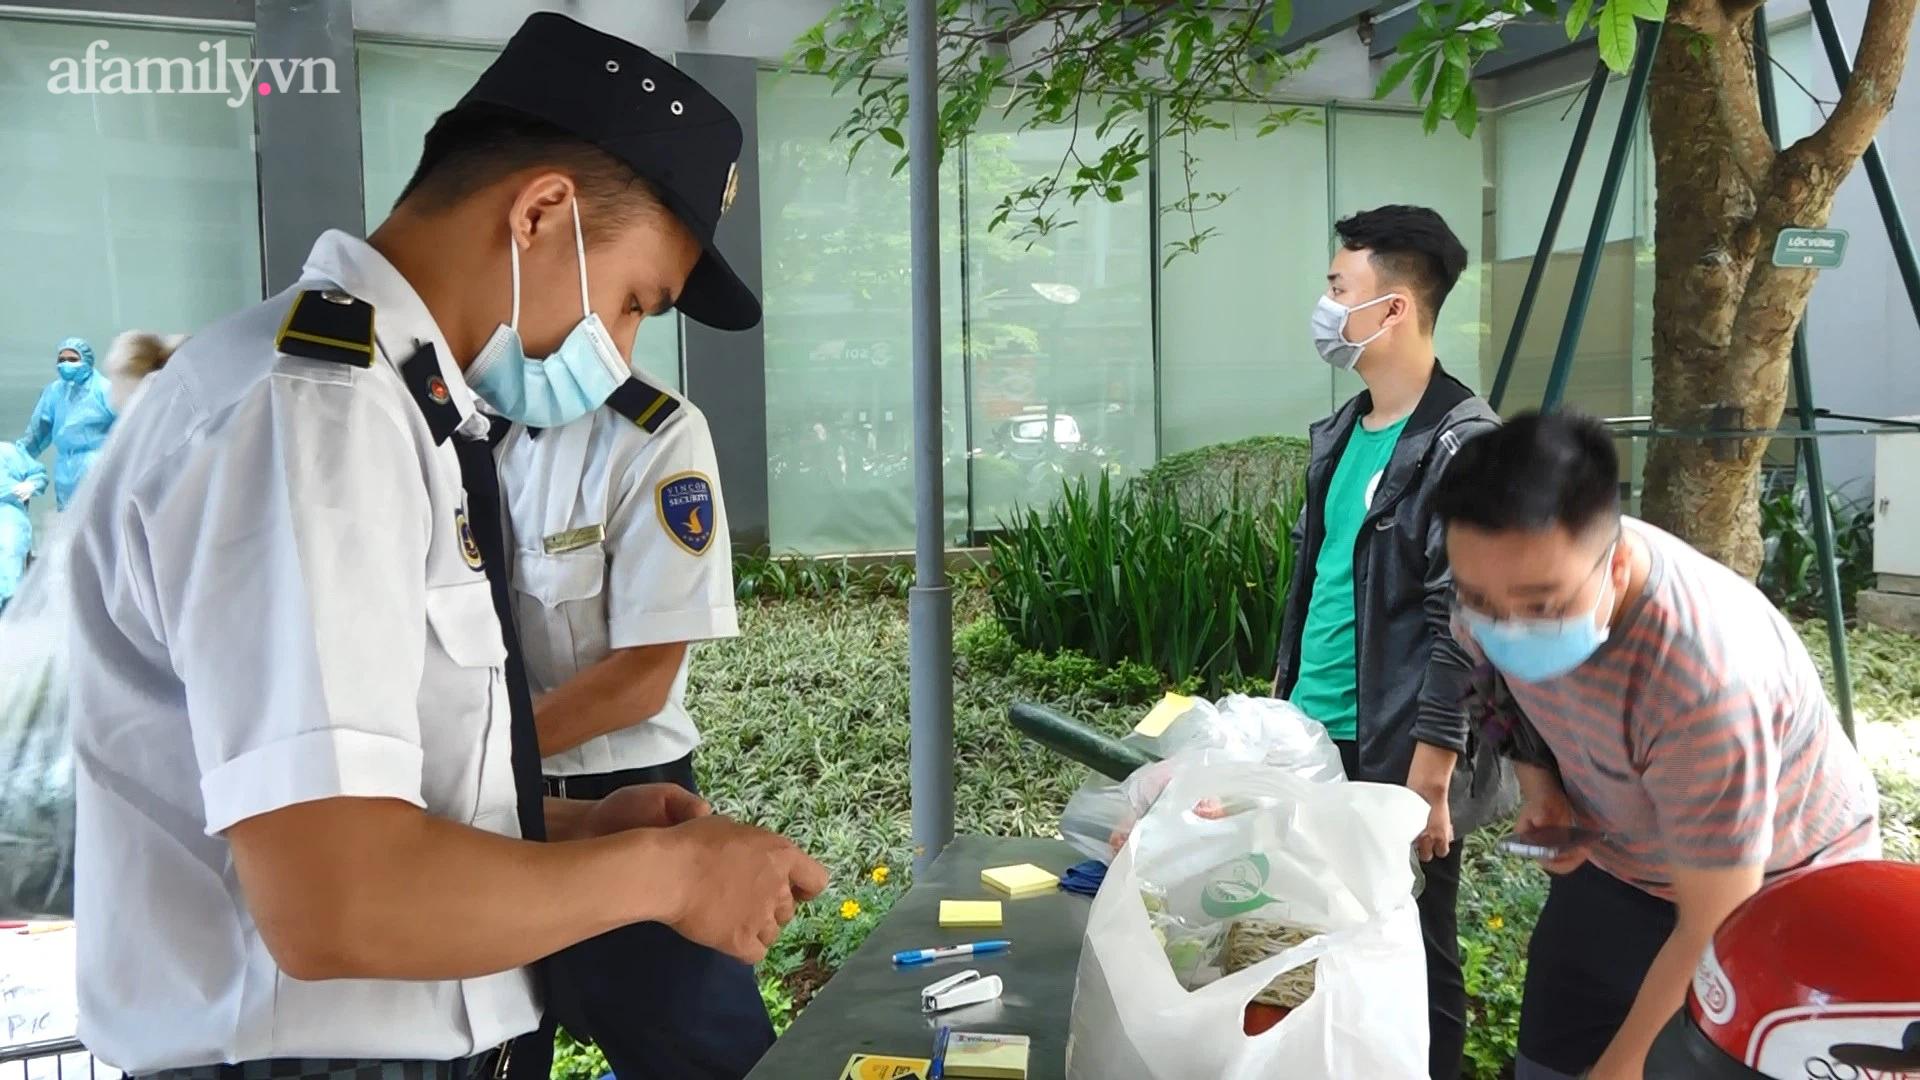 Hà Nội: Phong tỏa tòa nhà chung cư cao cấp nơi bệnh nhân người Ấn Độ nghi nhiễm Covid-19 - Ảnh 1.